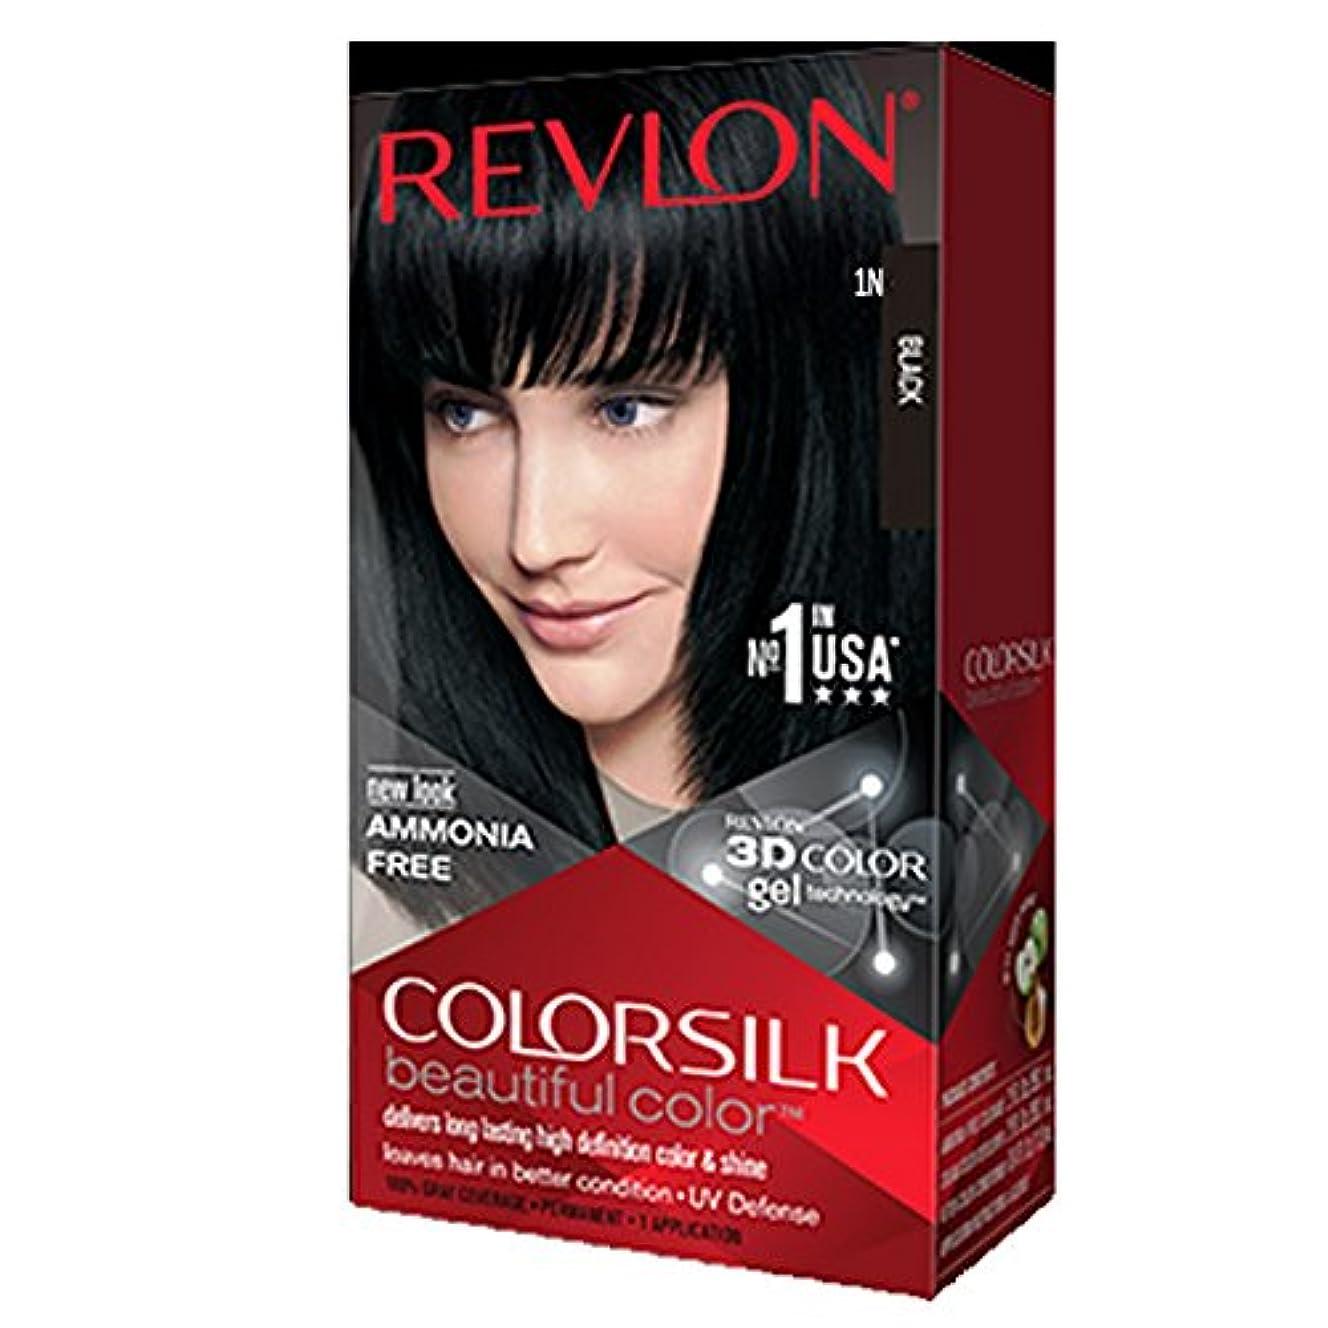 ペナルティ無限大節約Revlon Colorsilk Hair Color with 3D Color Gel Technology Black 1N